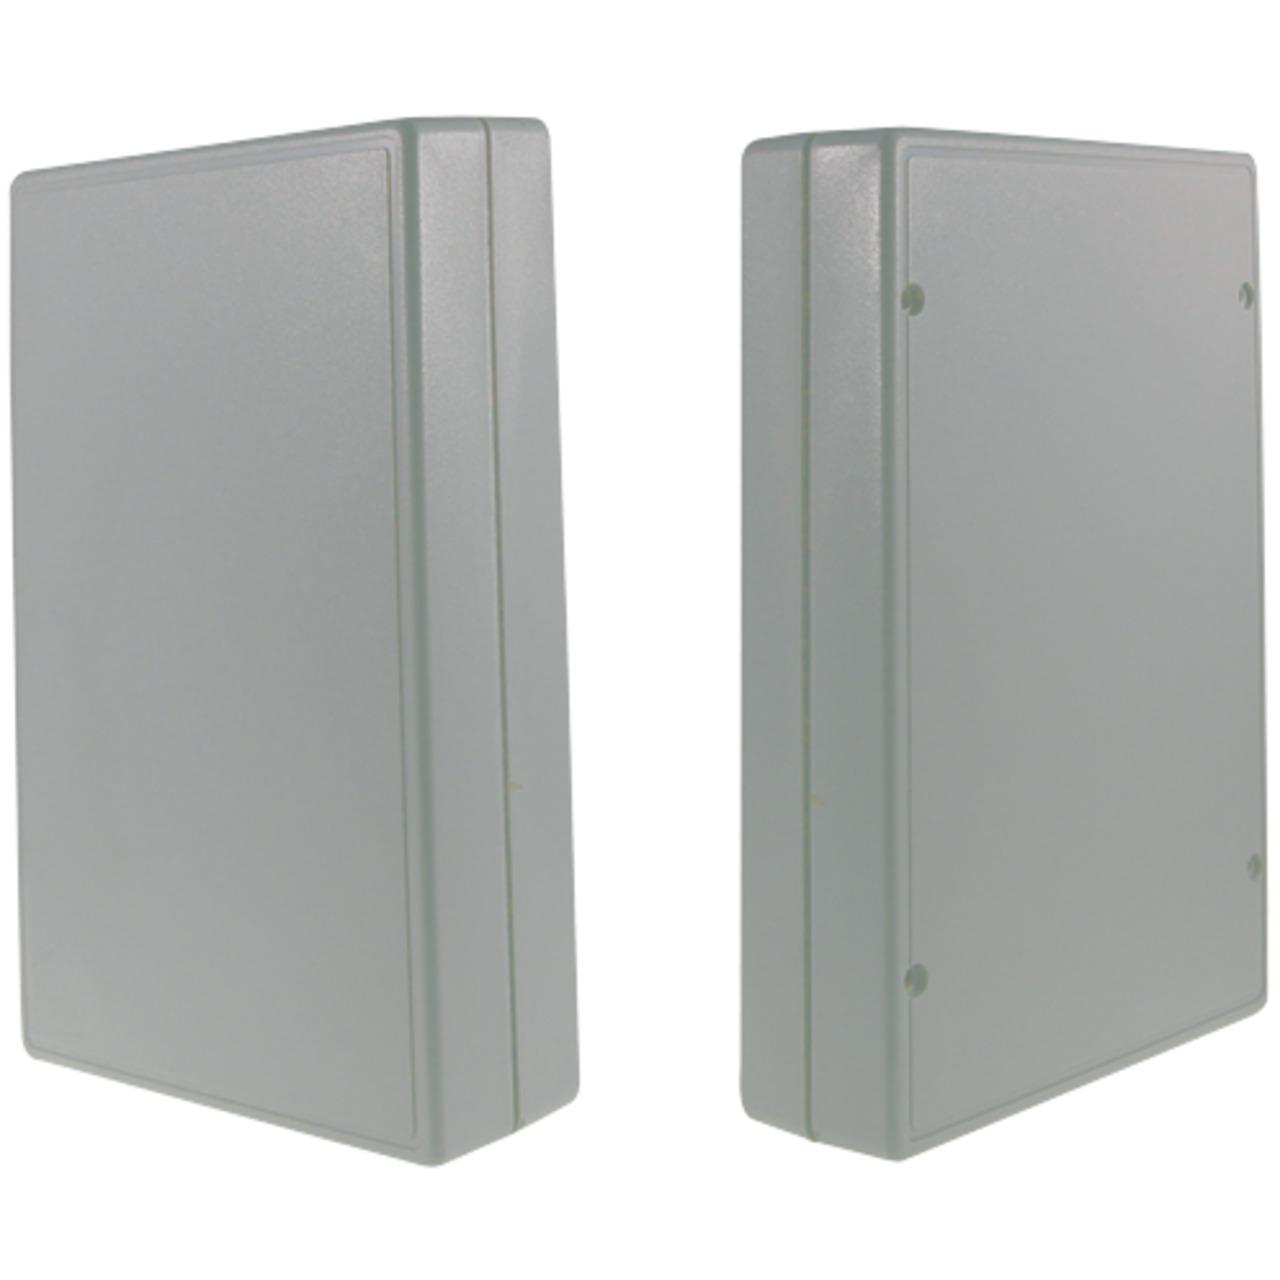 Strapubox Kunststoff-Gehäuse 2007 ABS 186 x 123 x 41 mm- grau